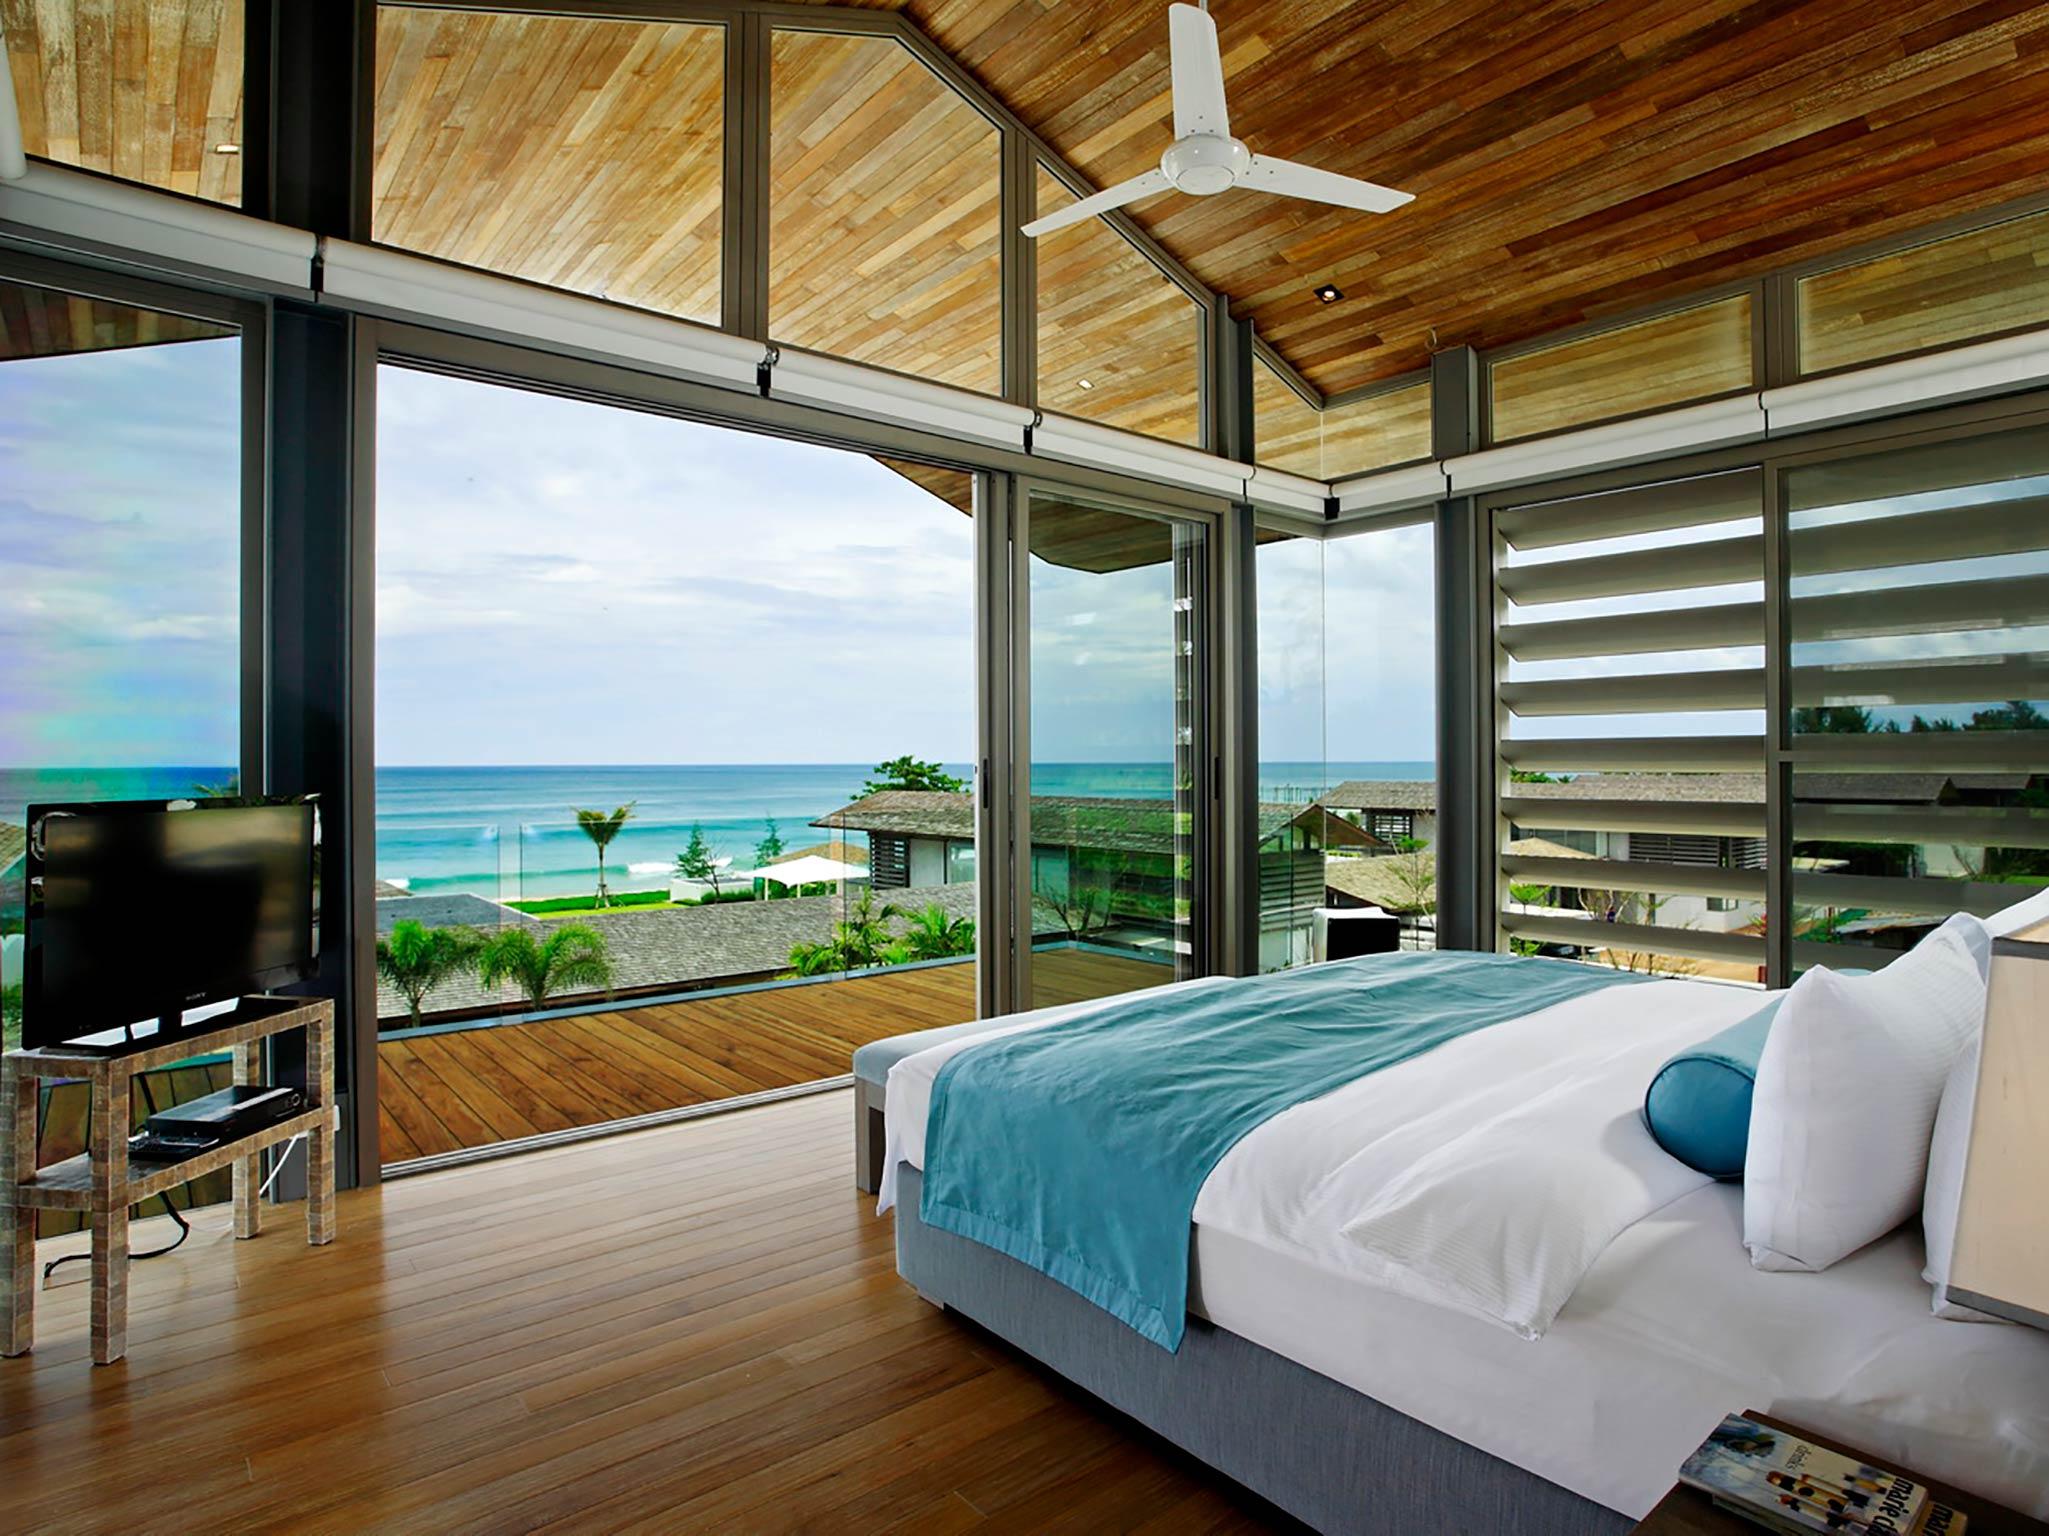 Villa Aqua - Outstanding view from bedroom